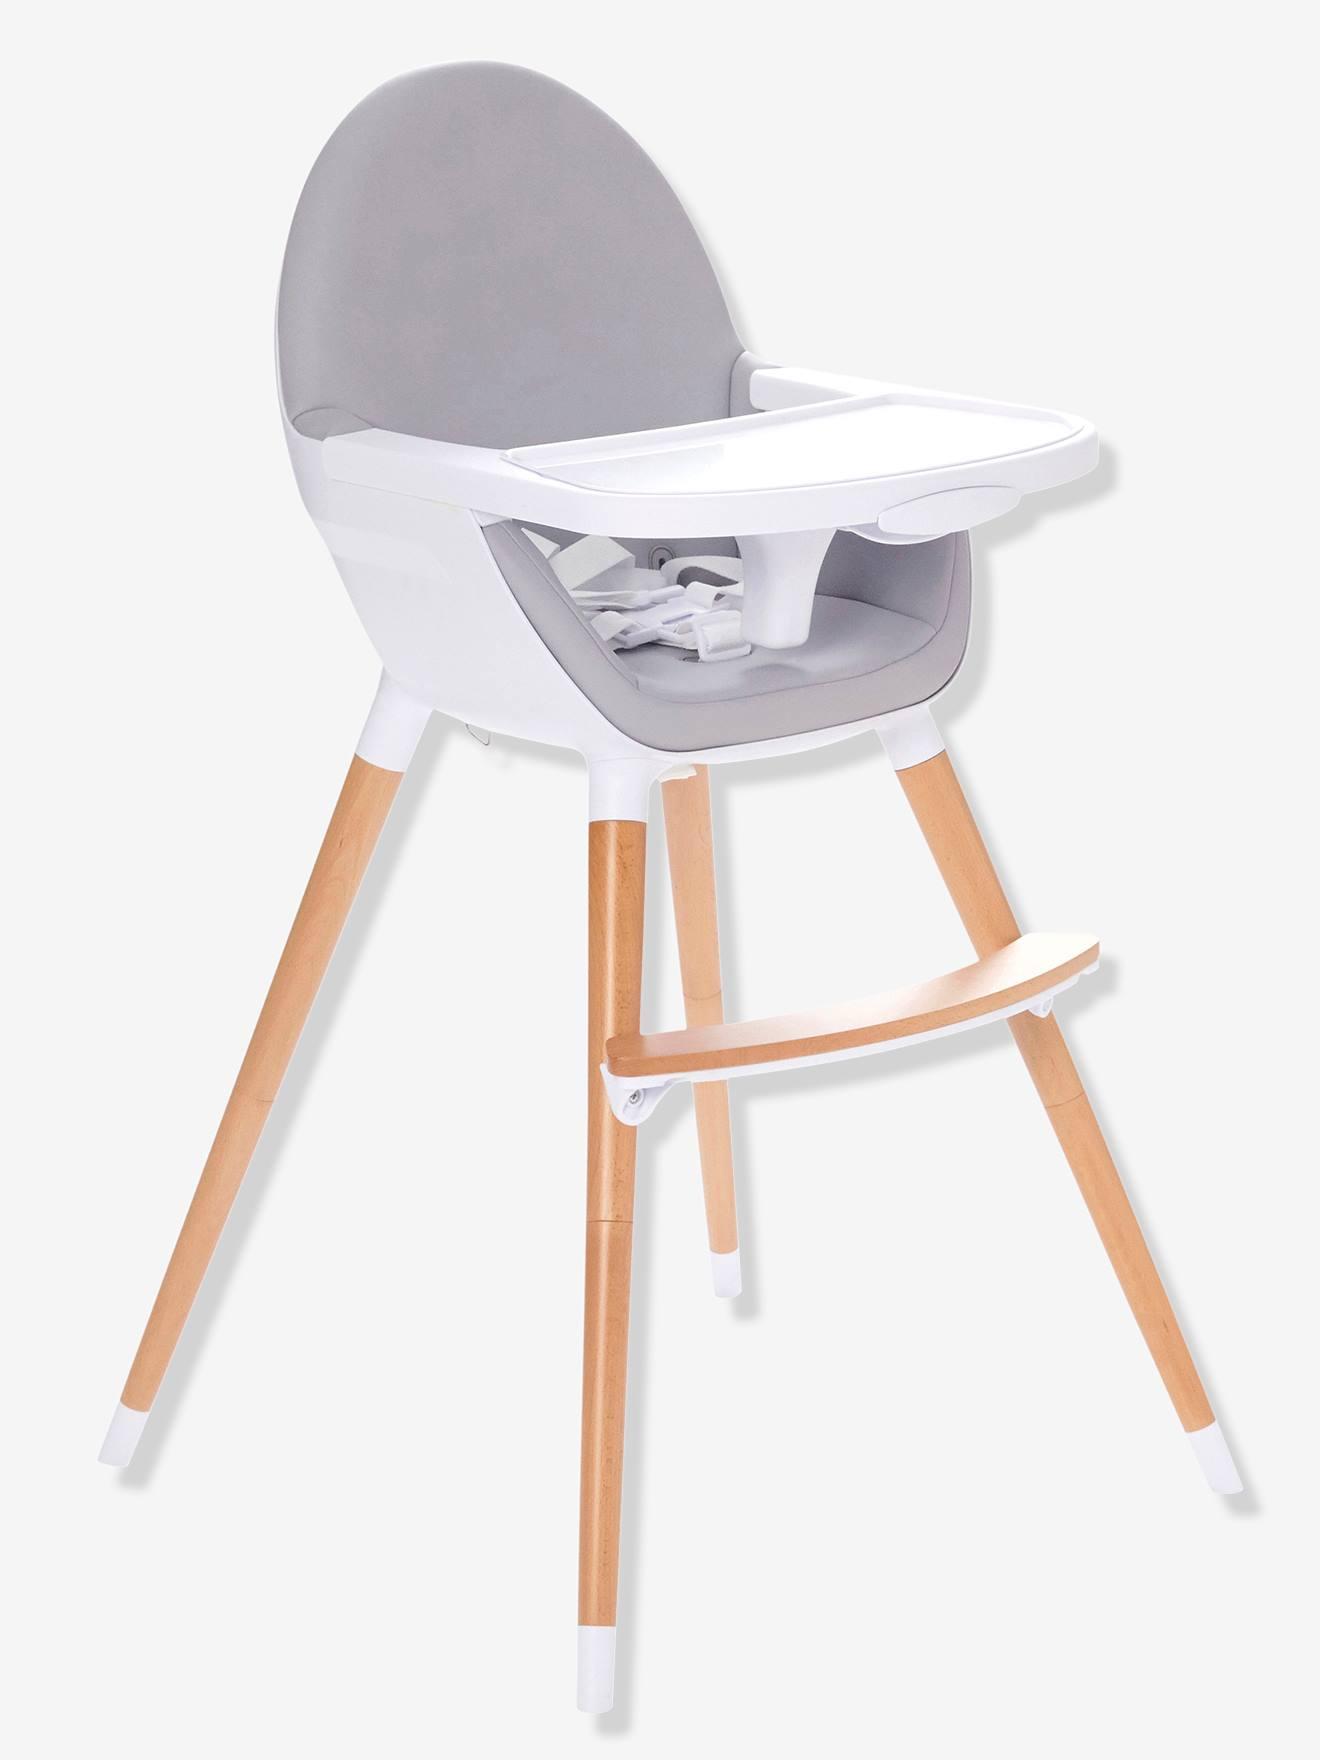 chaises vertbaudet achat vente de chaises pas cher. Black Bedroom Furniture Sets. Home Design Ideas